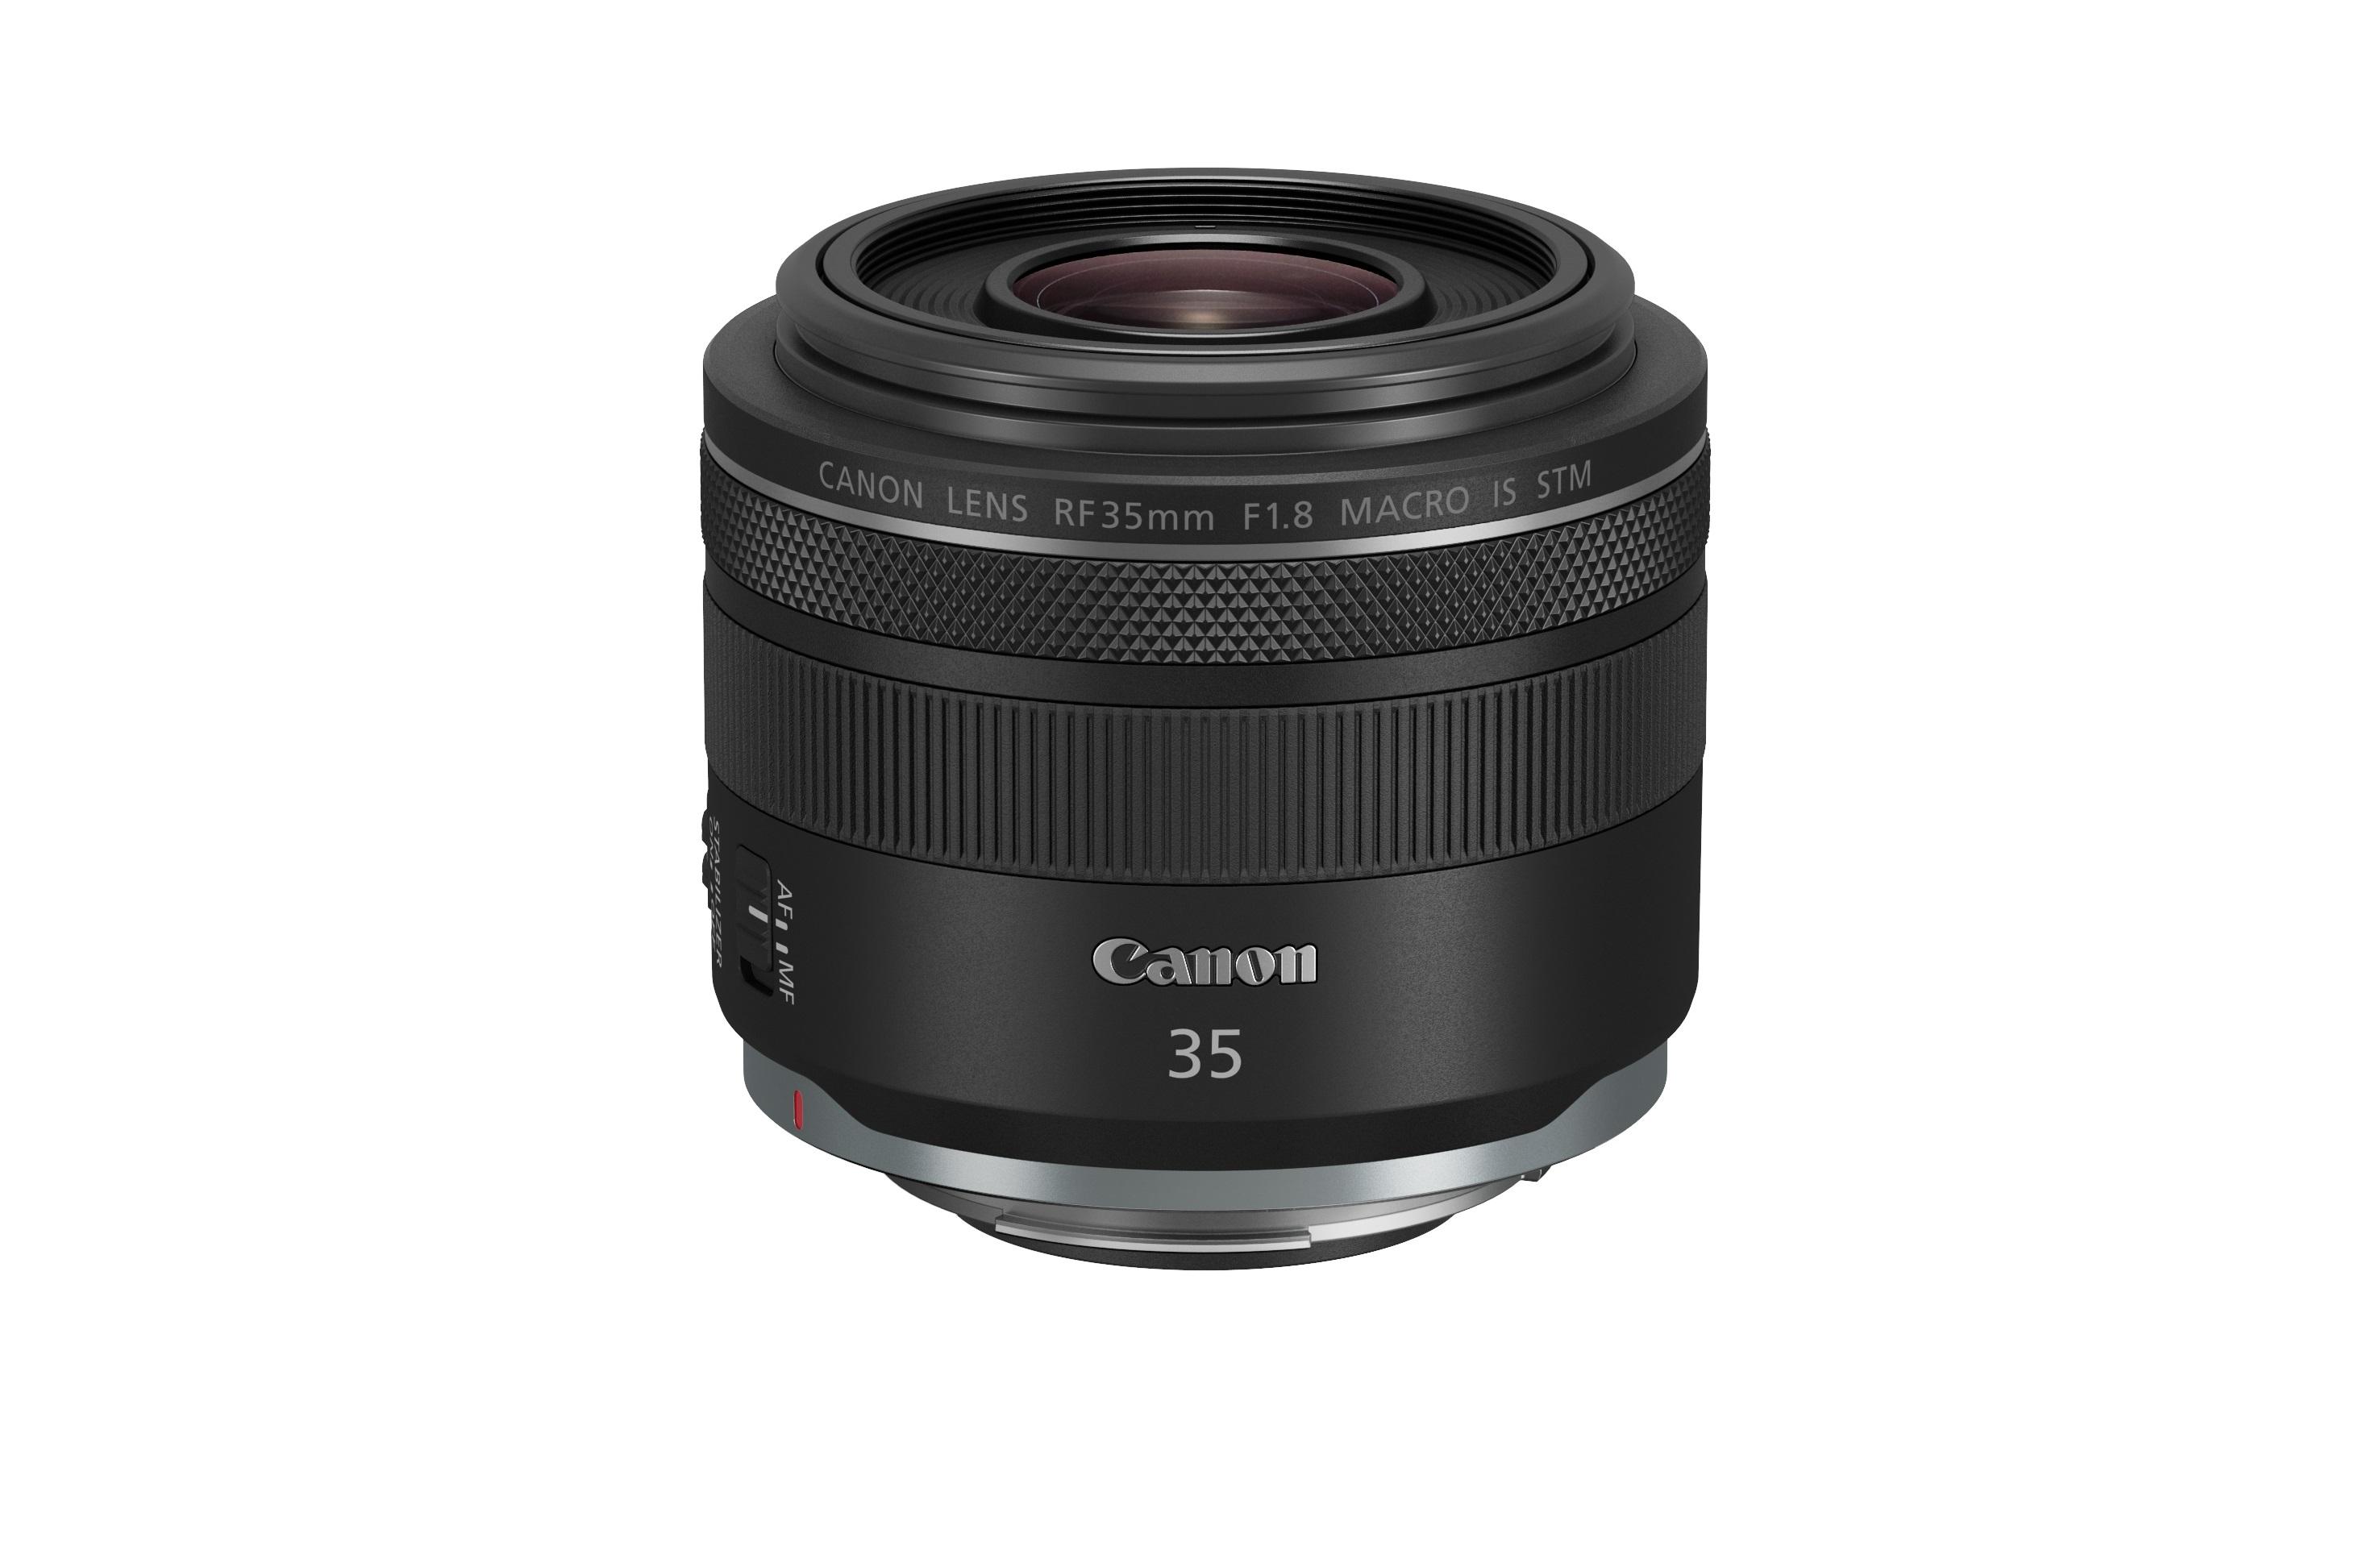 佳能推出大光圈定焦镜头新品 EF-M 32mm f/1.4 STM